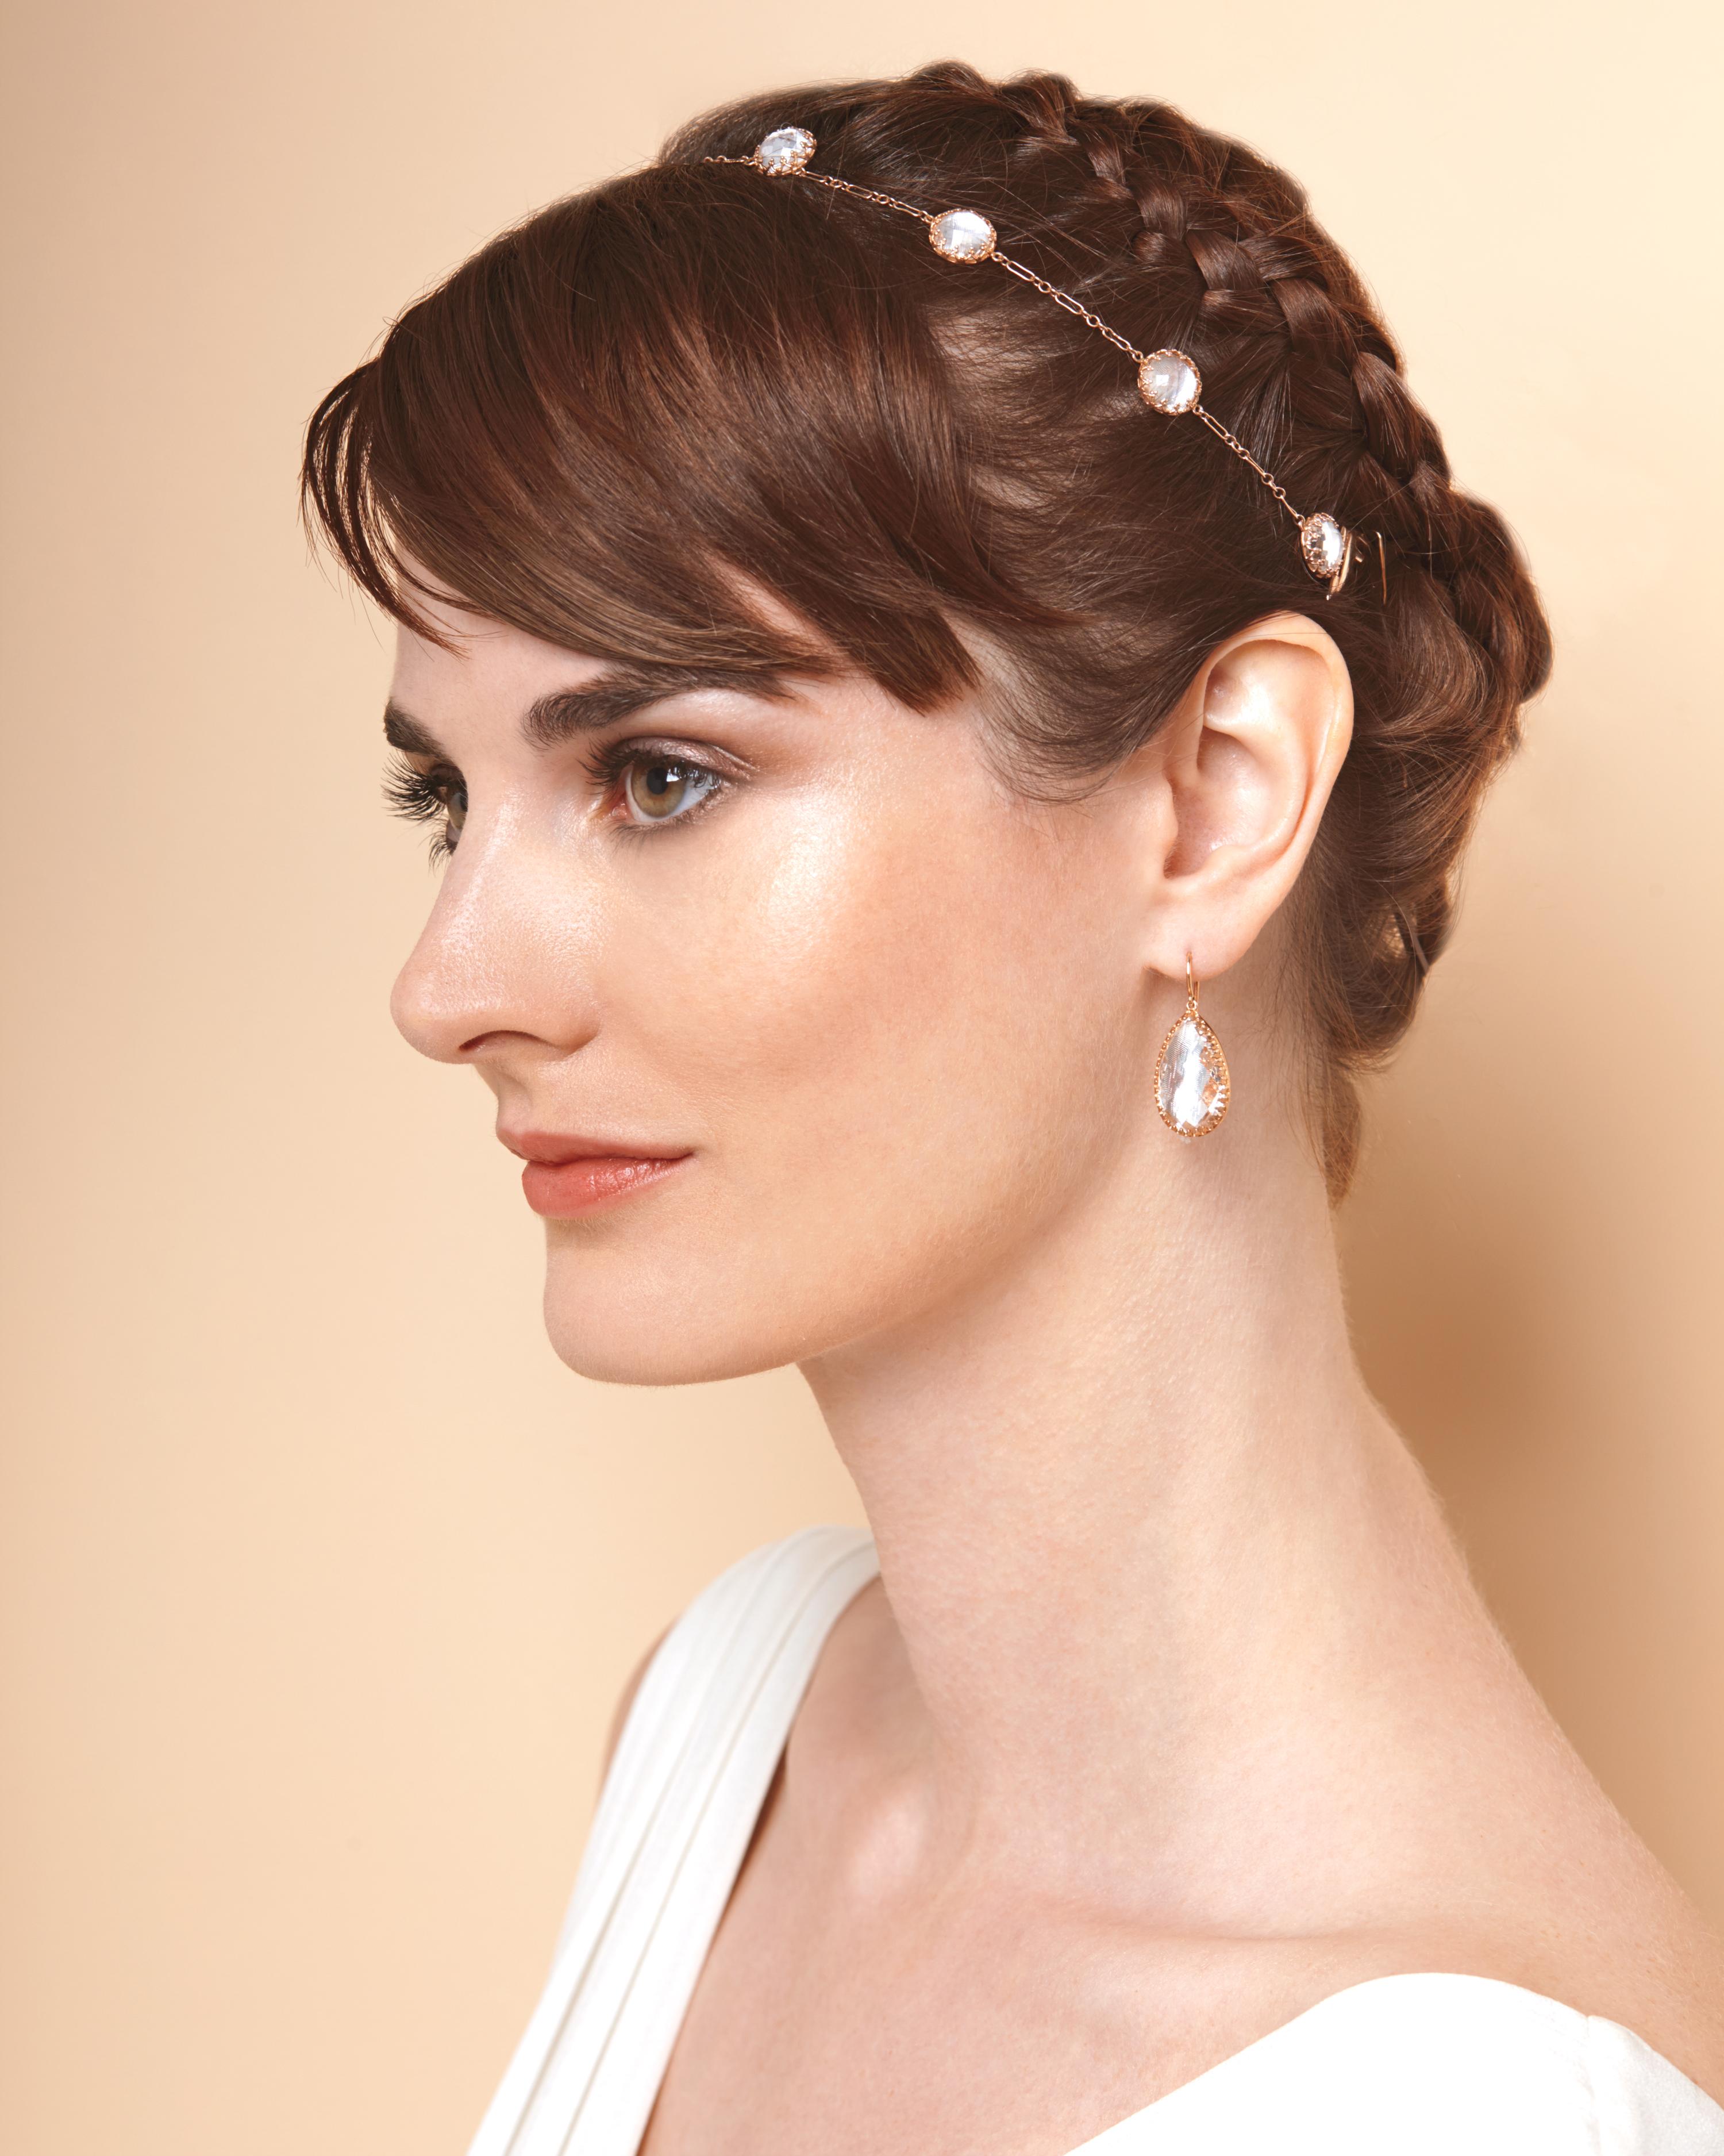 02-adorned-short-hair-jewel-headband-090-d111402.jpg